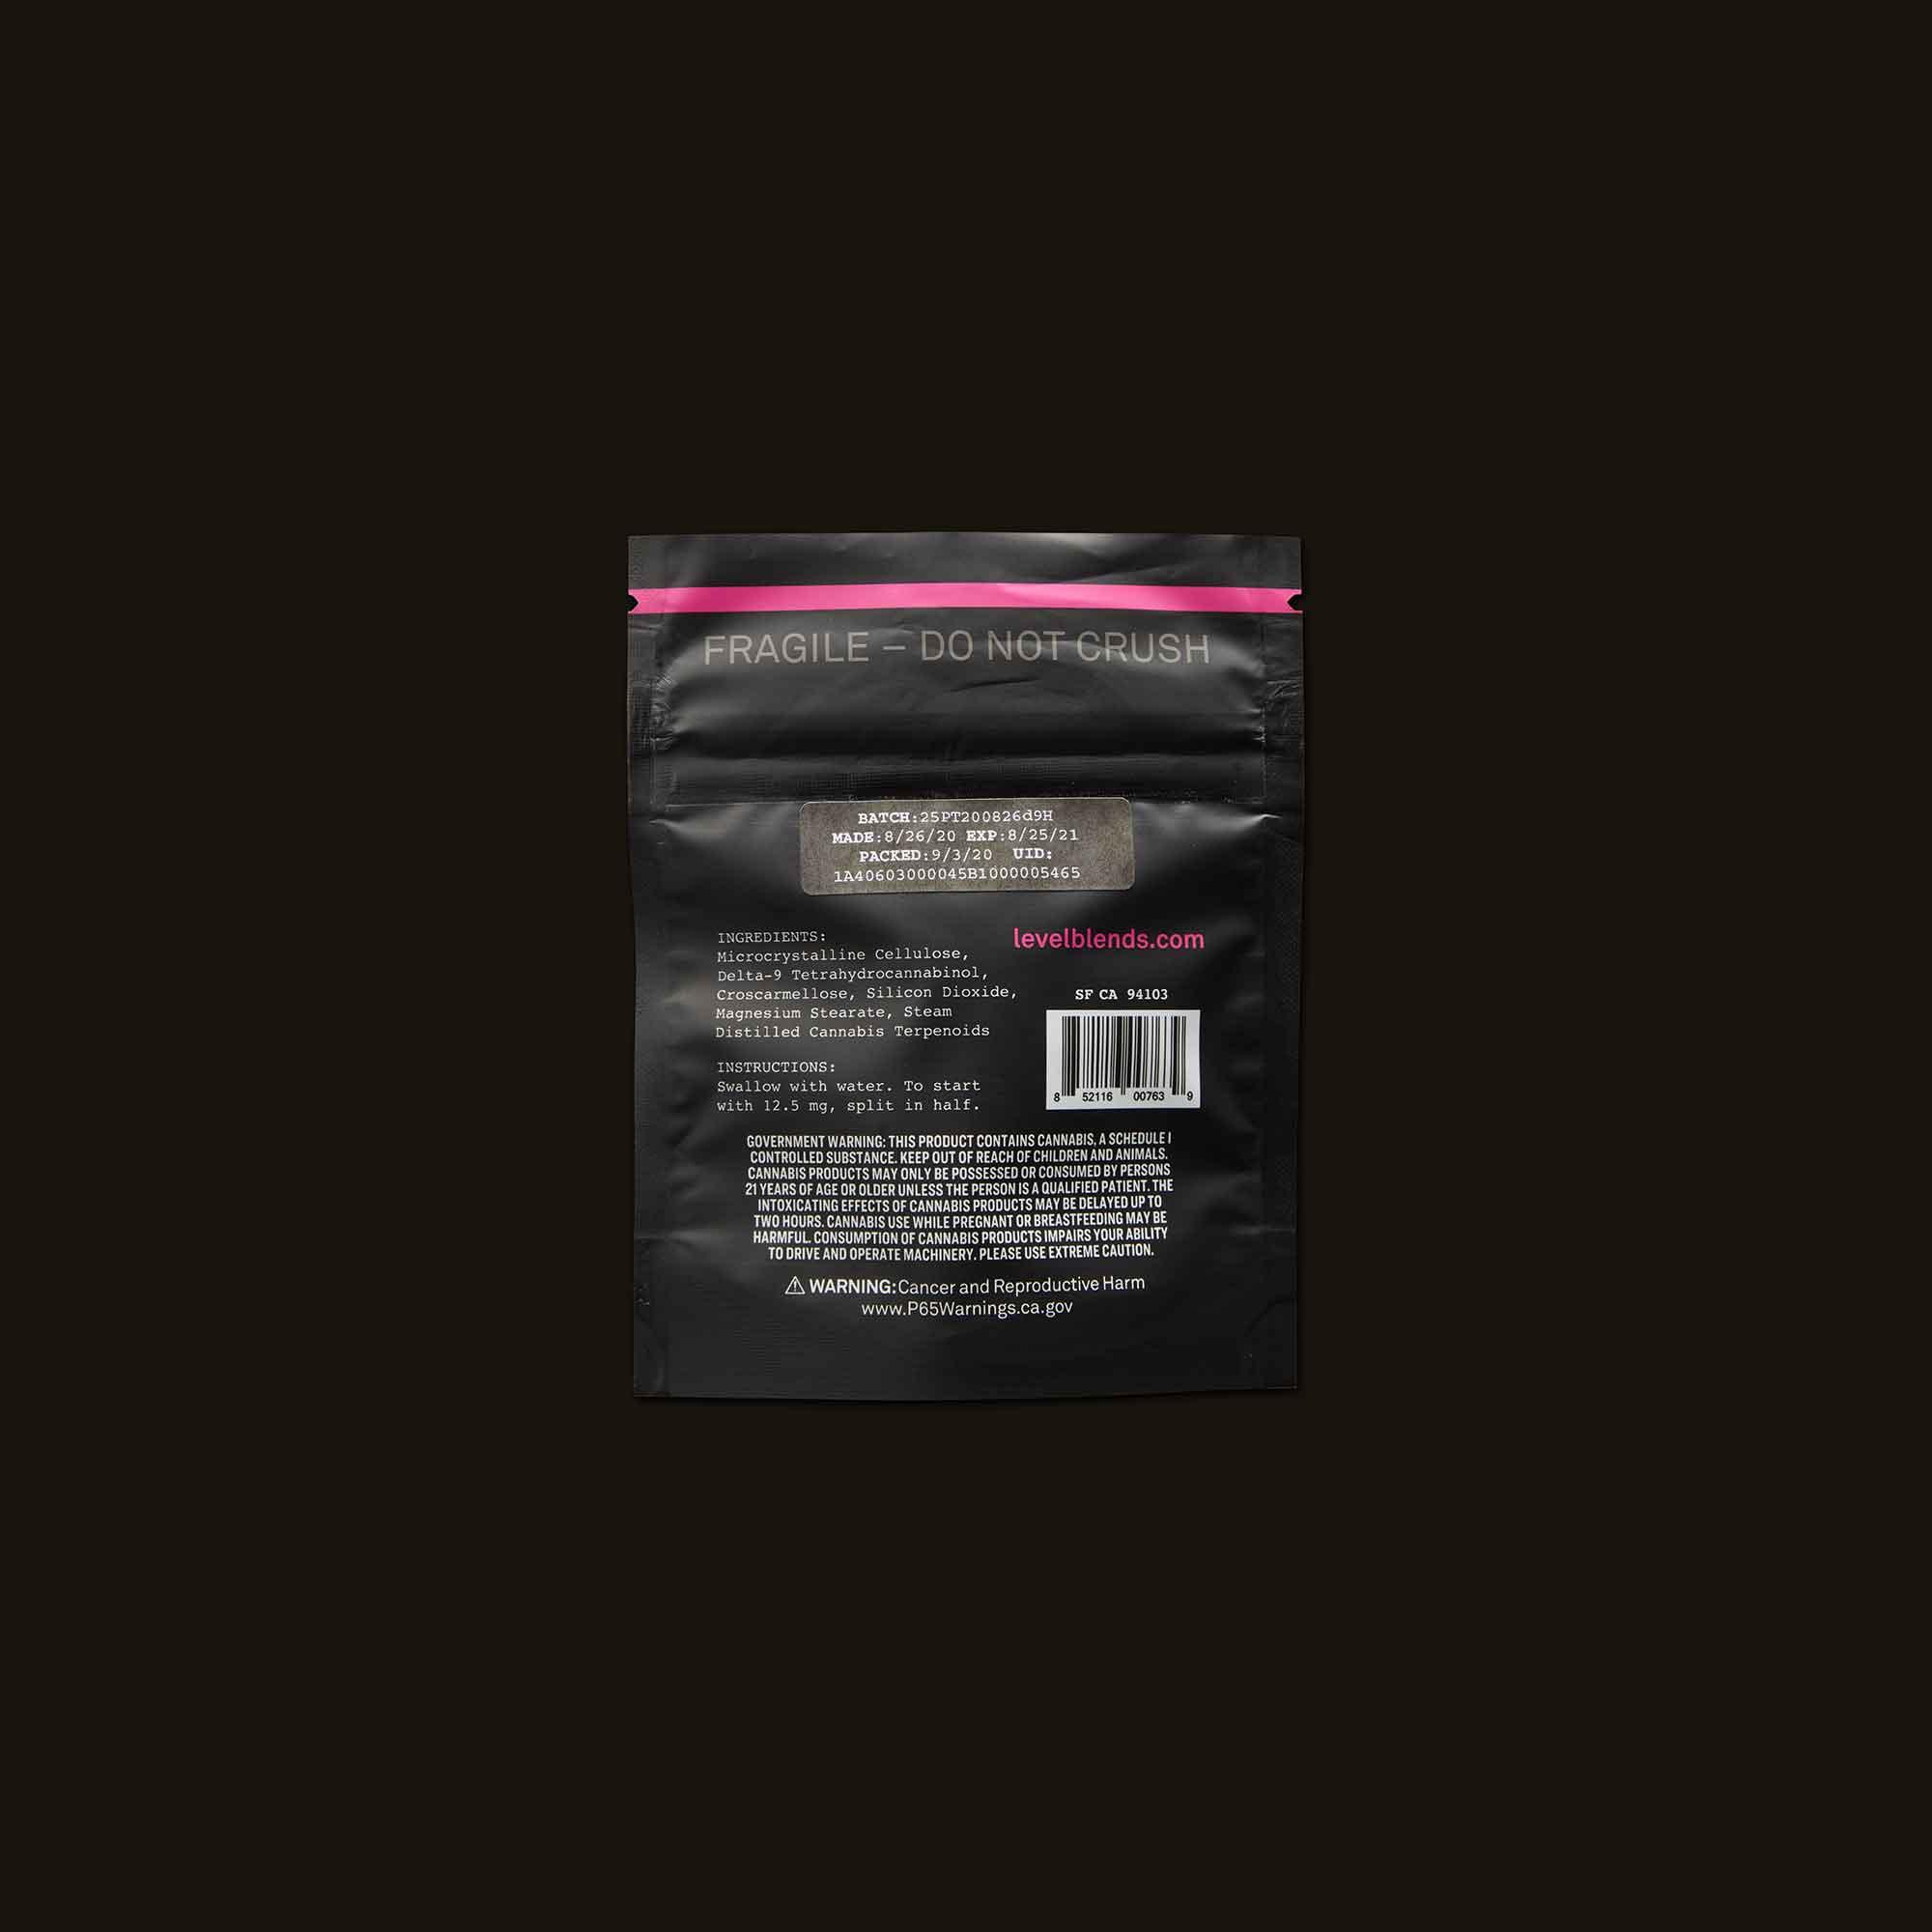 LEVEL Hybrid Protab Refill Pack Ingredients